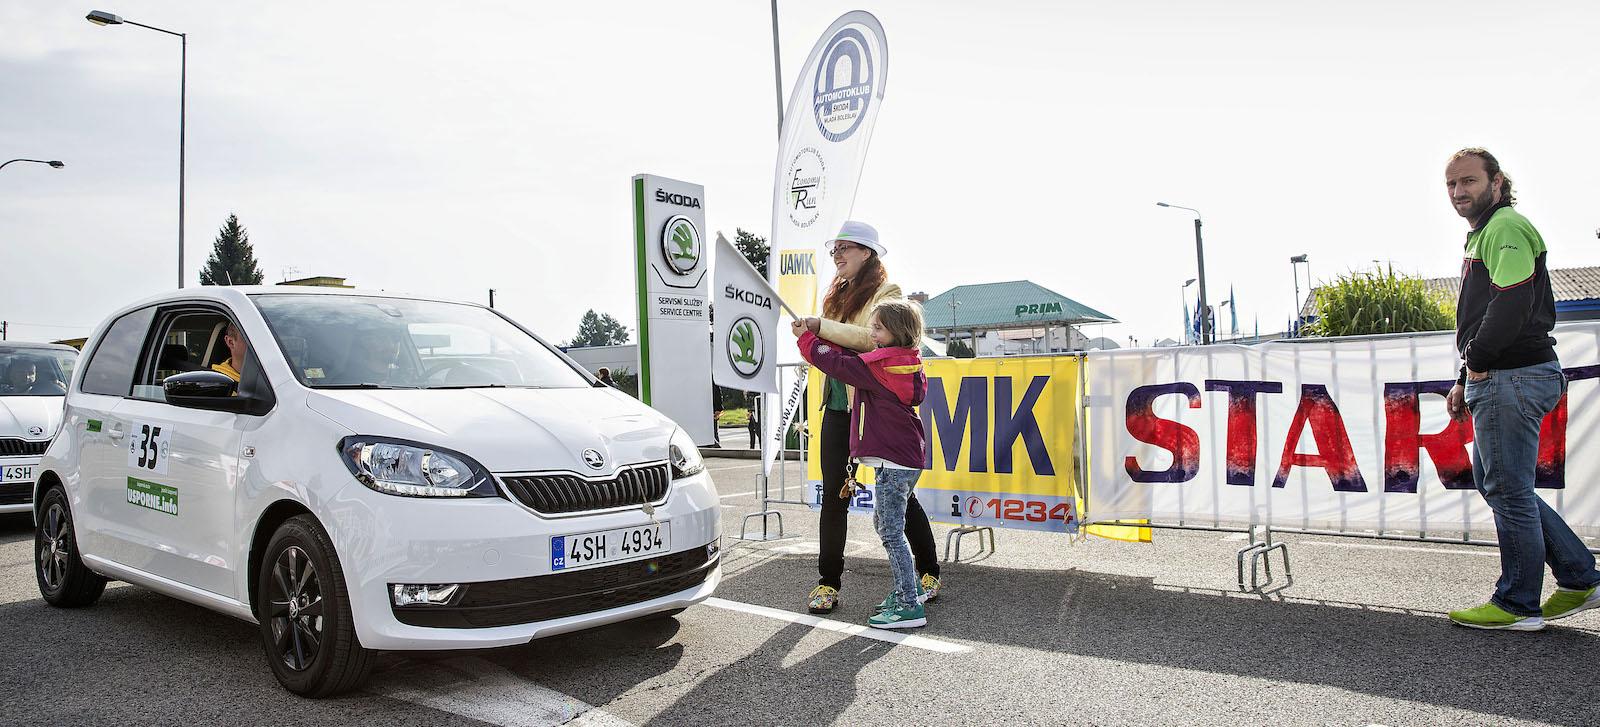 Citigo G-TEC posádky Tomíšek-Kazda na startu Škoda Economy Run 2017